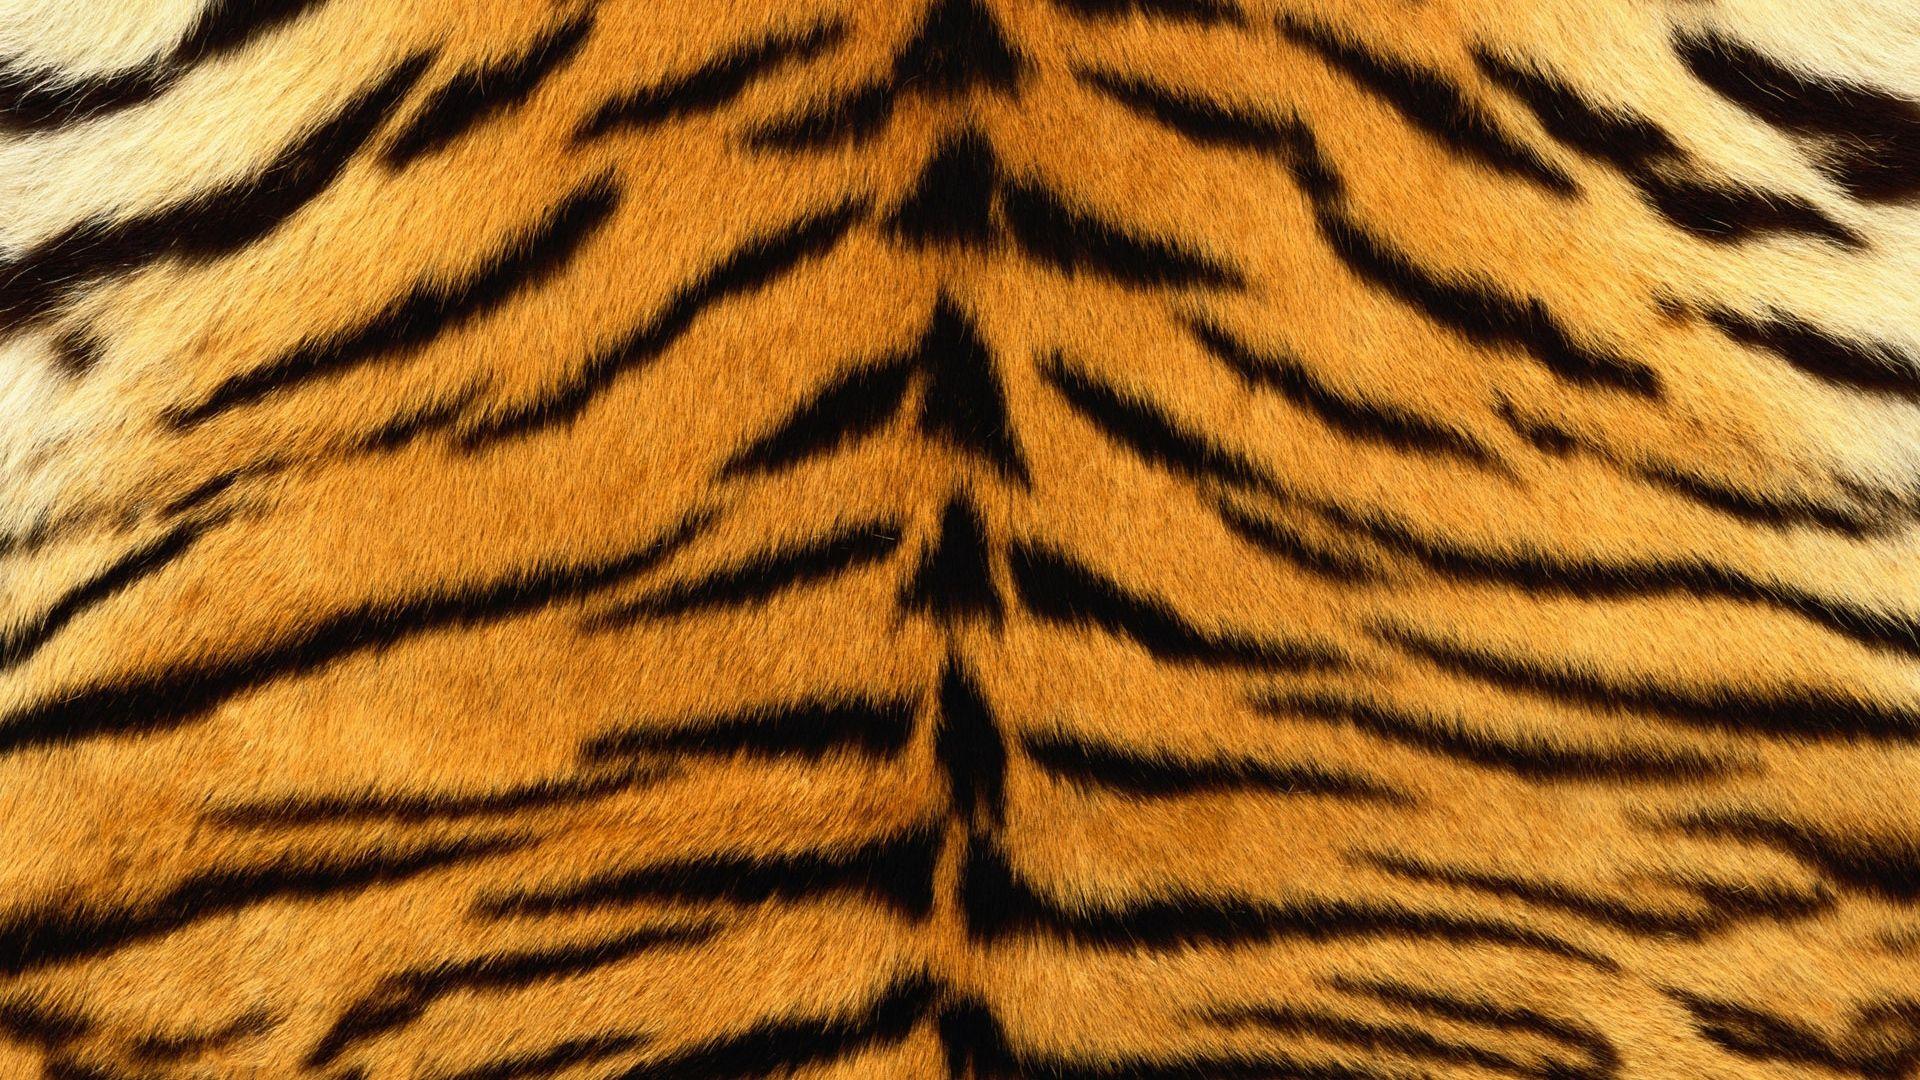 Download Wallpaper 1920x1080 Skin Tiger Stripes Fur Striped Full Hd 1080p Hd Background Tiger Skin Striped Art Tiger Stripes